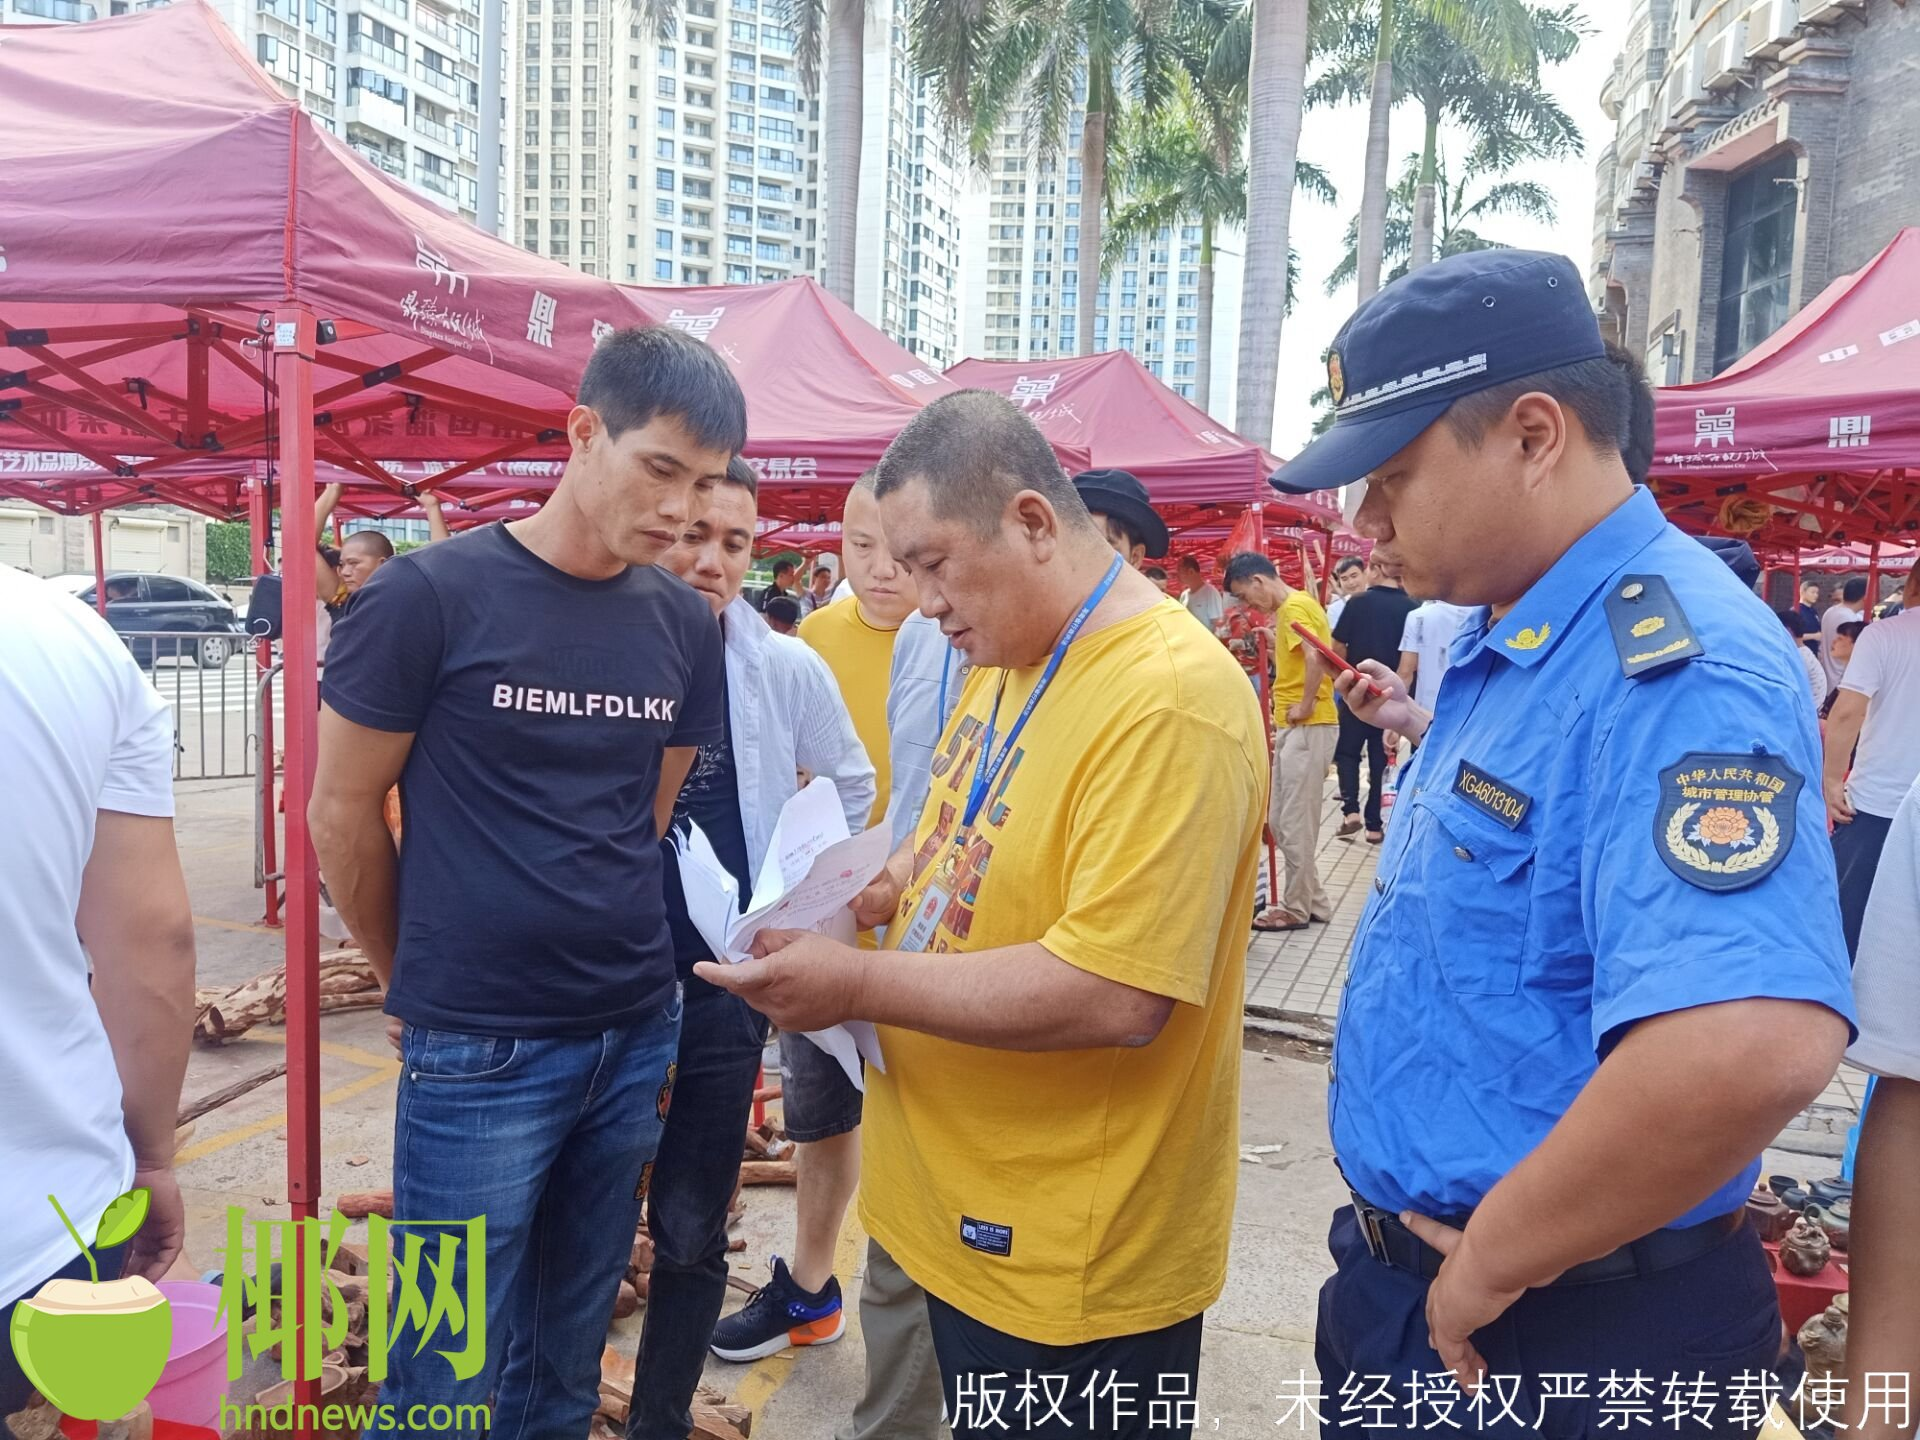 出售黄花梨要有合法证明 海口检查交易市场